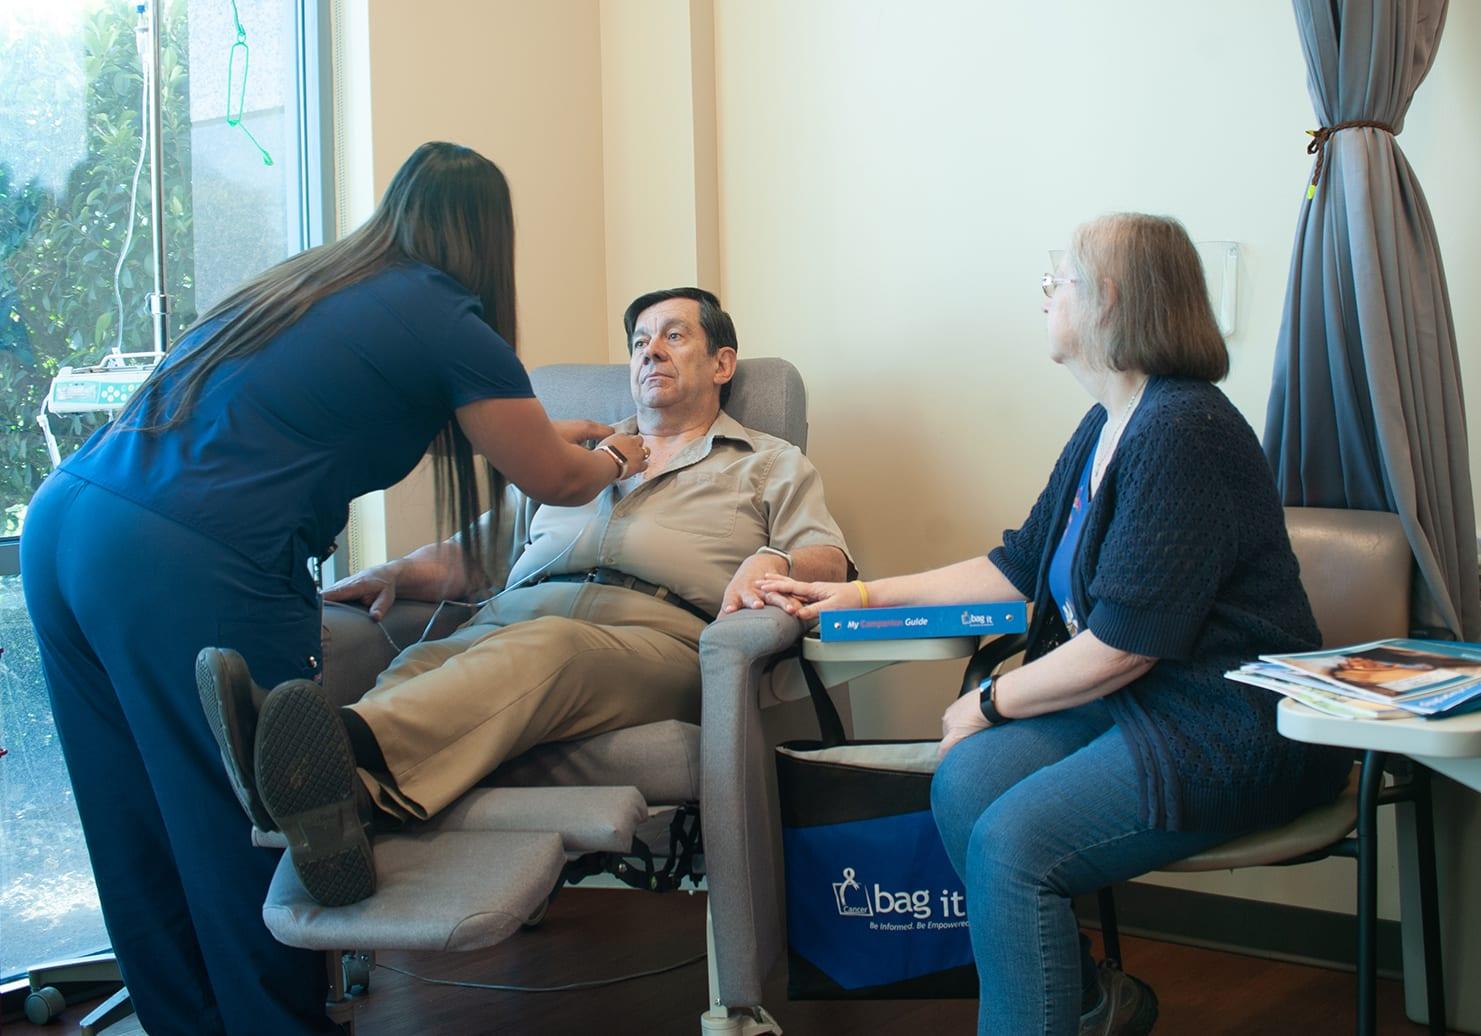 cancer caregiver support – Bag it